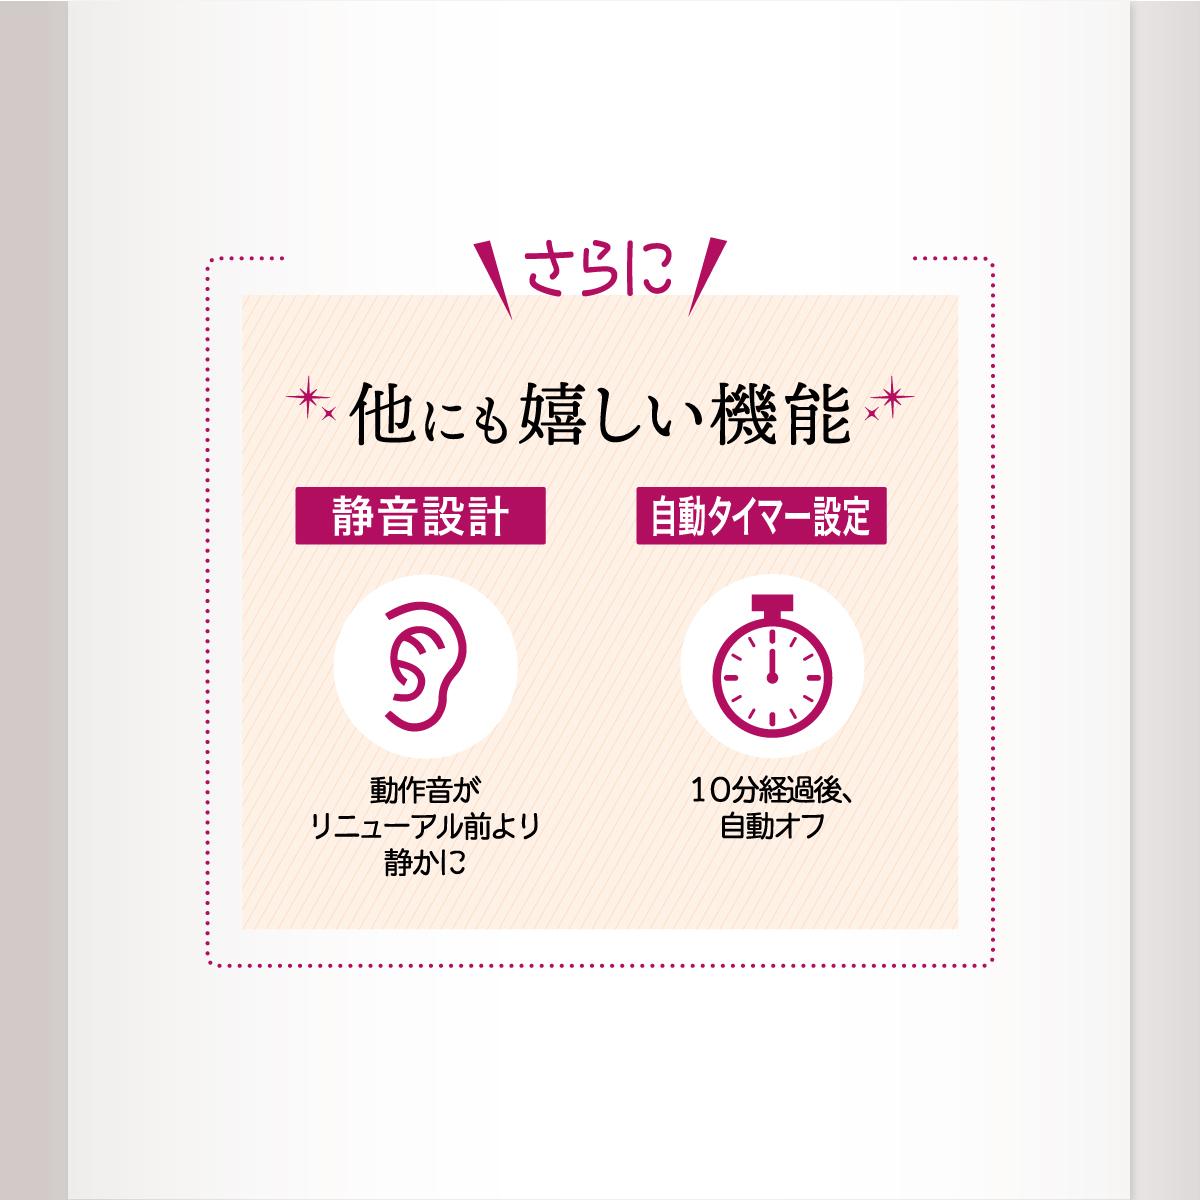 【先着1000名様限定 ヘッドブラシ4個サービス中】【LINKA】 リンカ ヘッドスカルプスパ